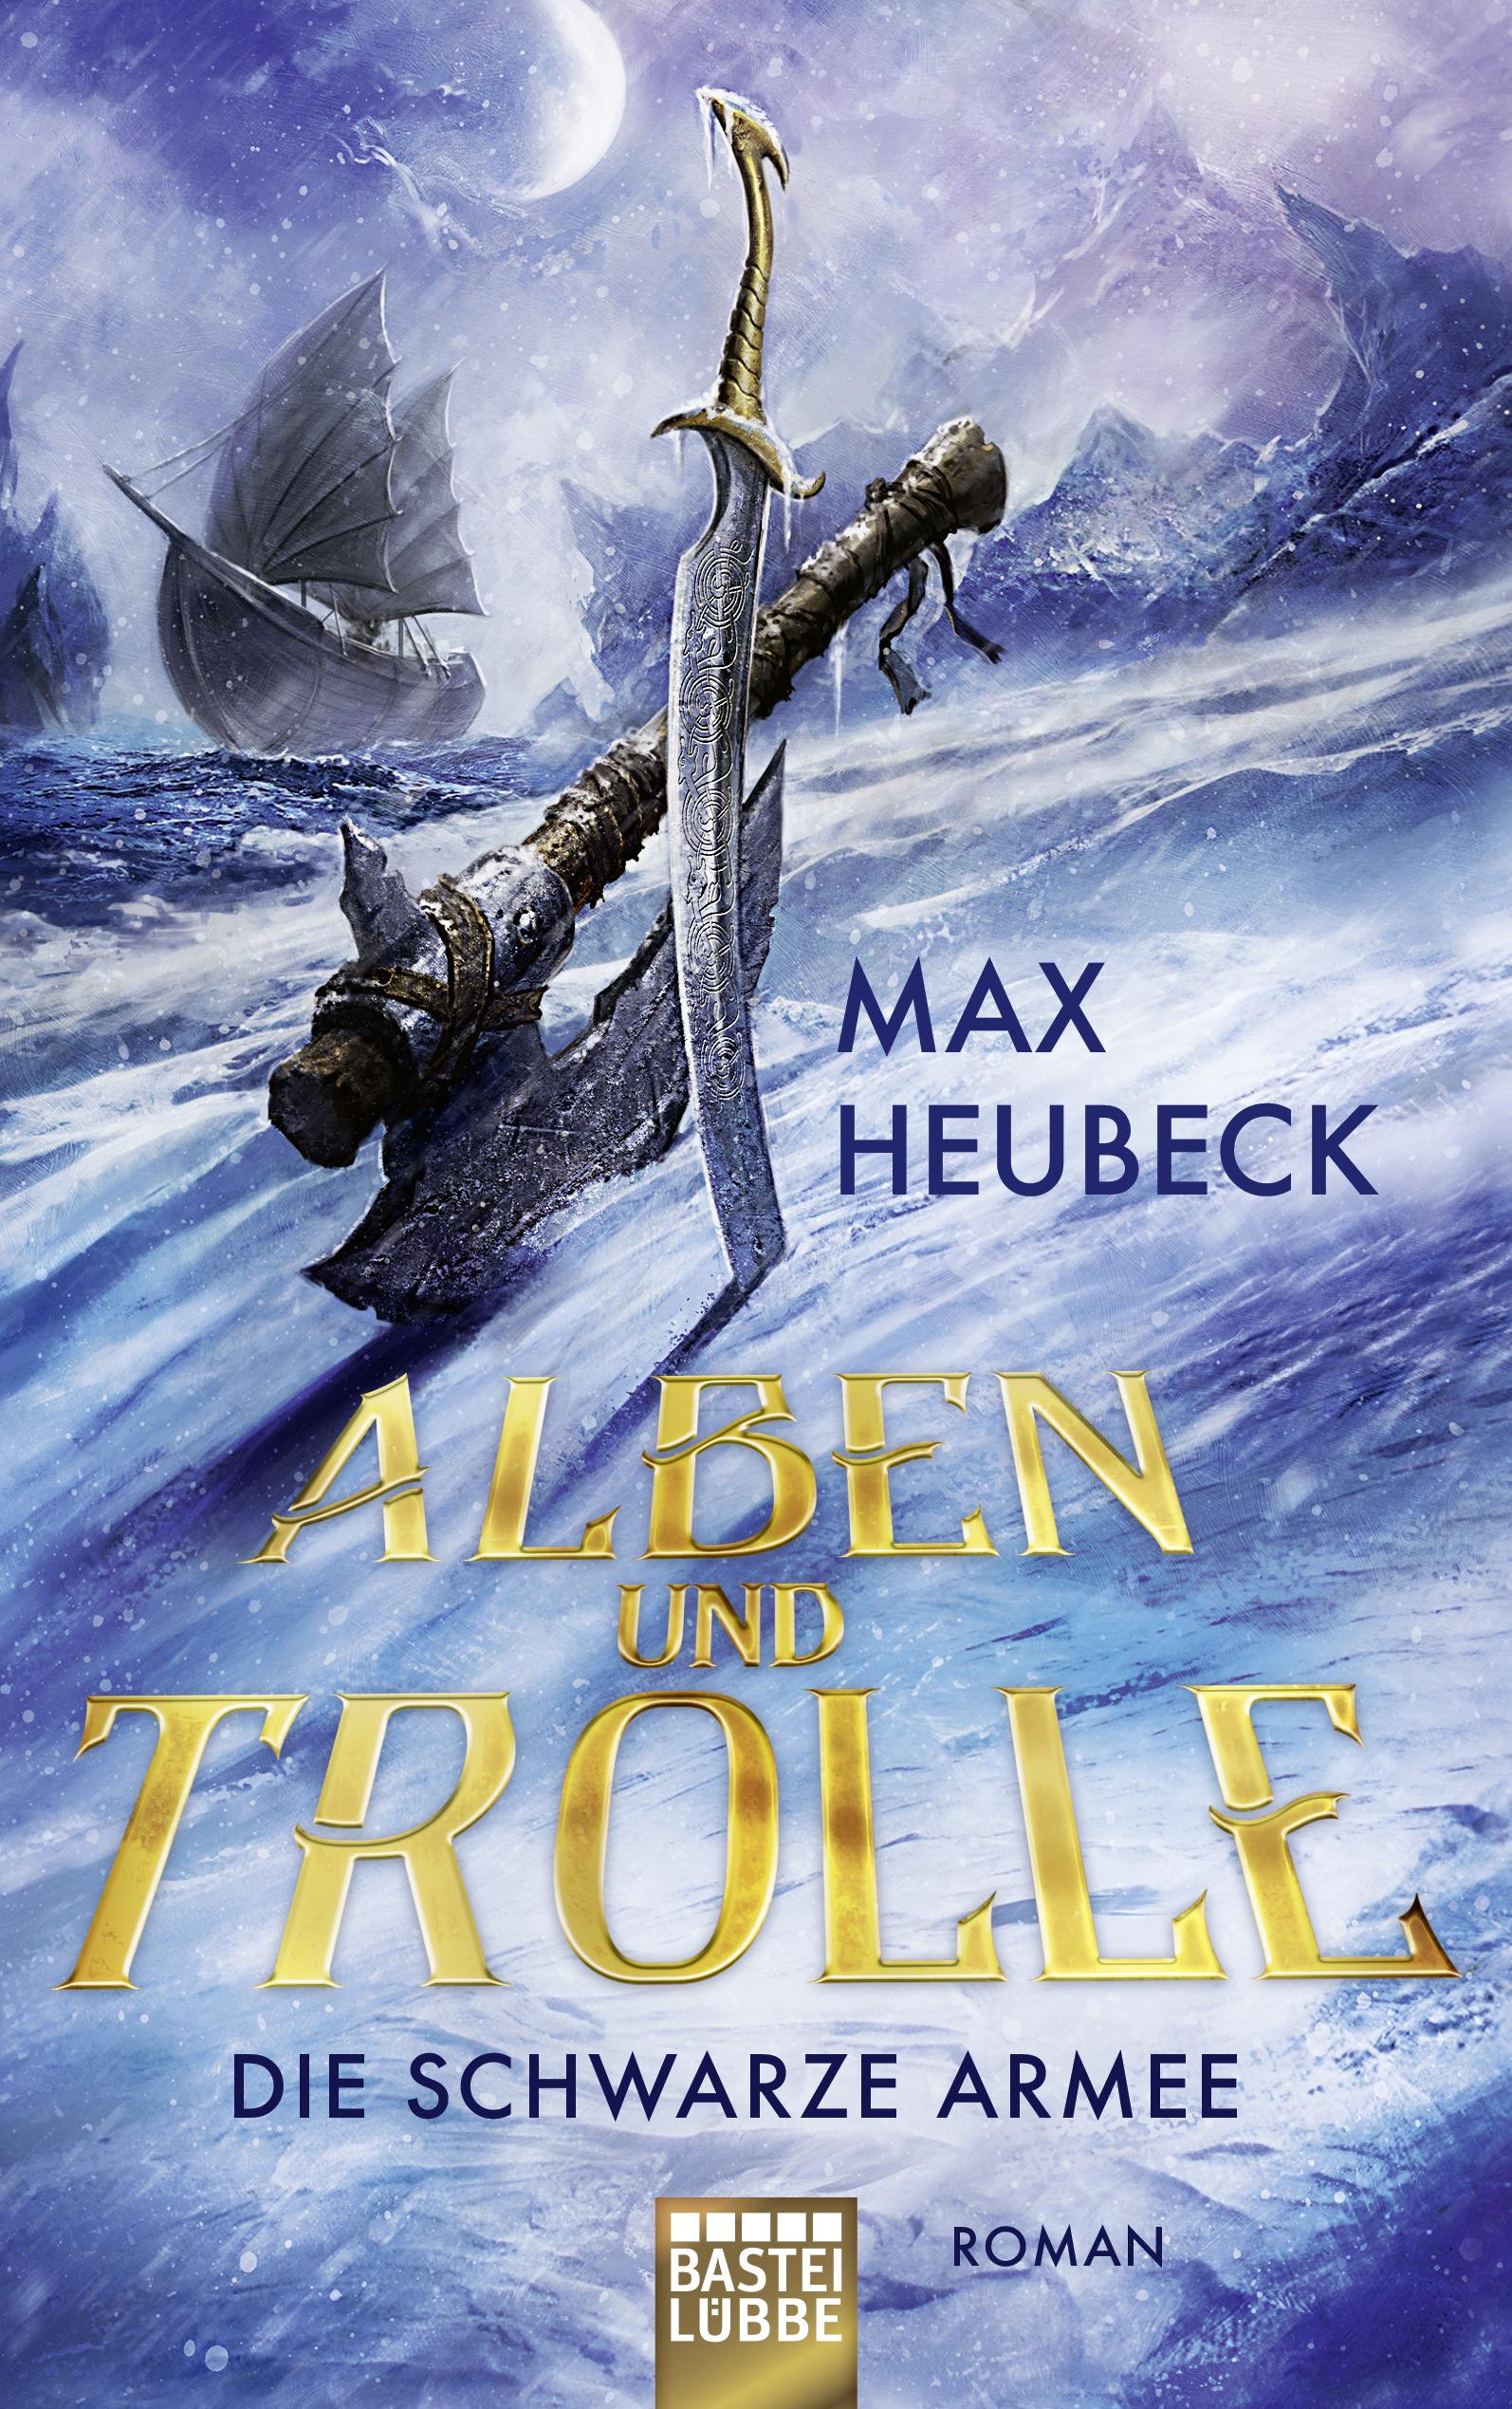 heubeck_max_alben_und_trolle_die_schwarze_armee_phantastik-autoren-netzwerk.jpg